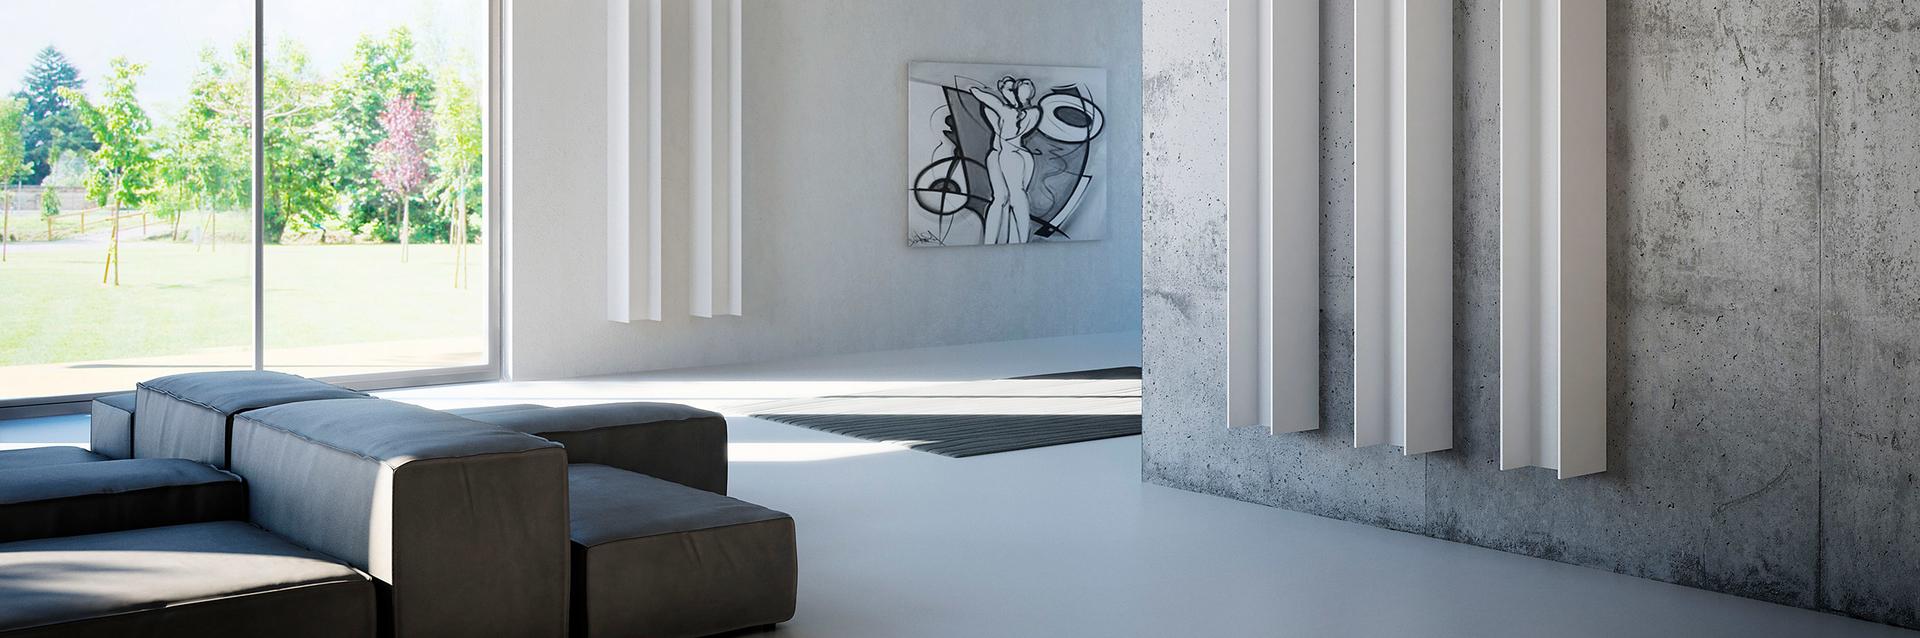 Design radiator in unieke vormen zijn sfeerbepalend